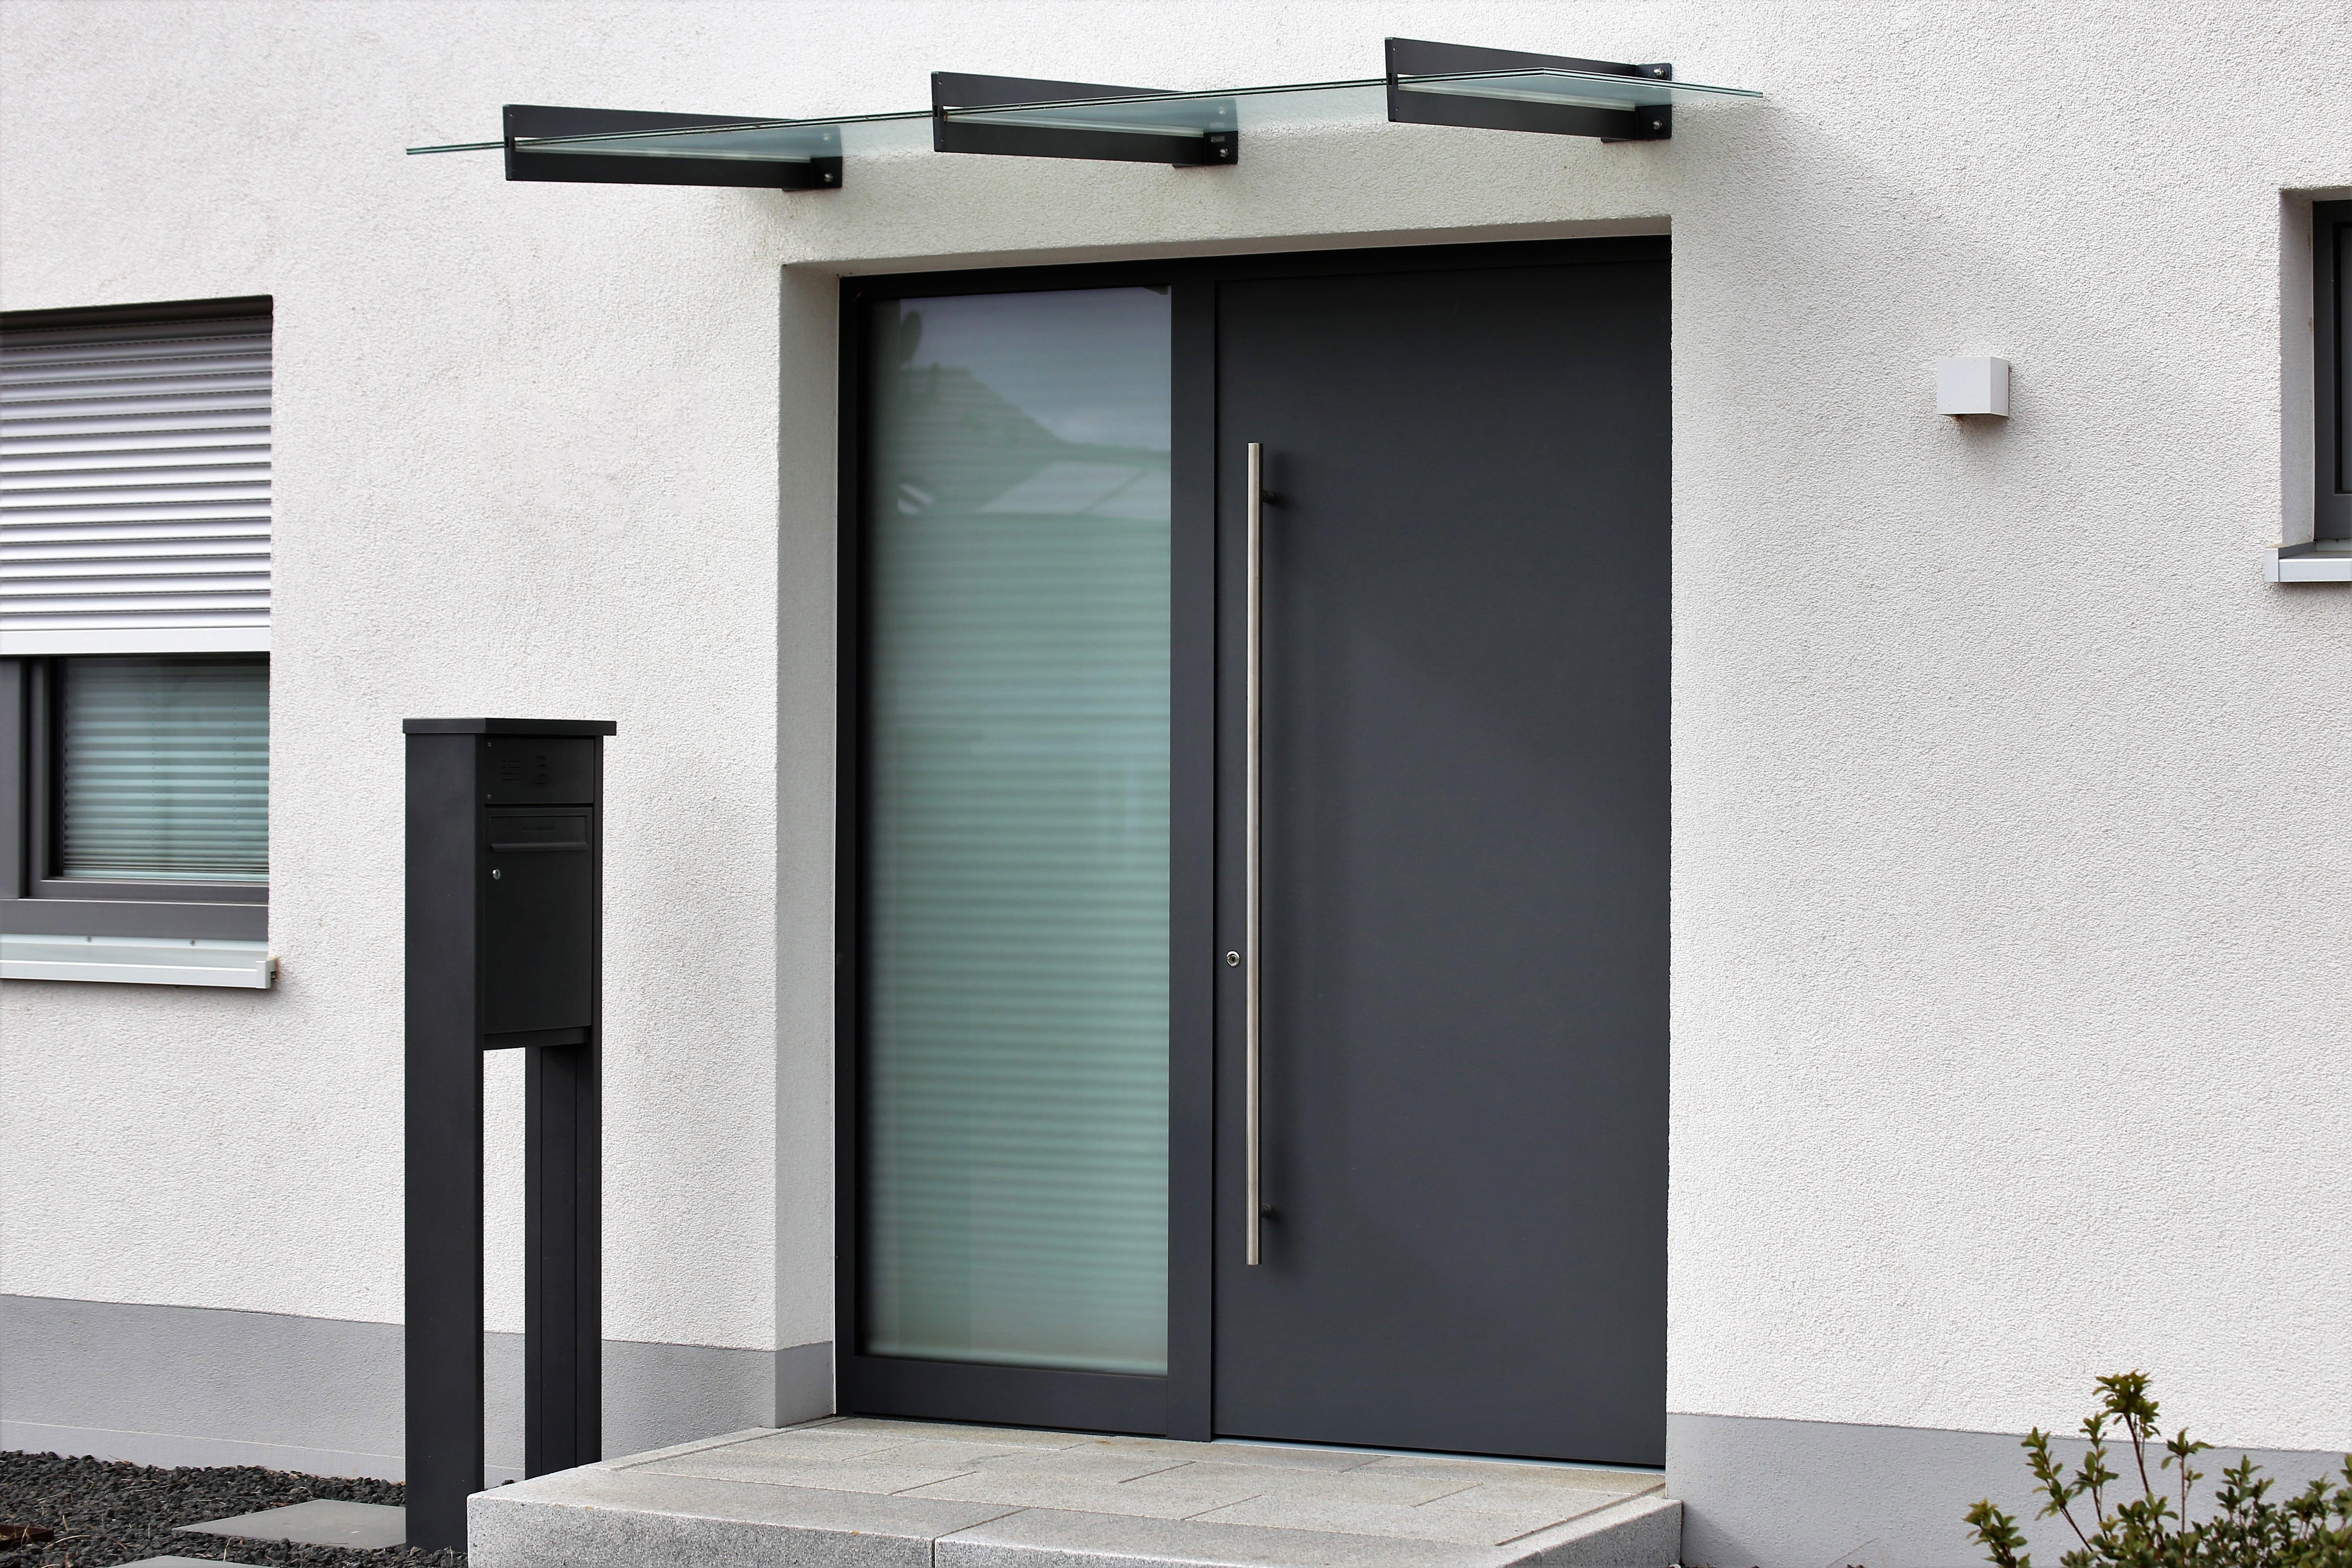 Kombinované vchodové dvere s jednou presklenou časťou